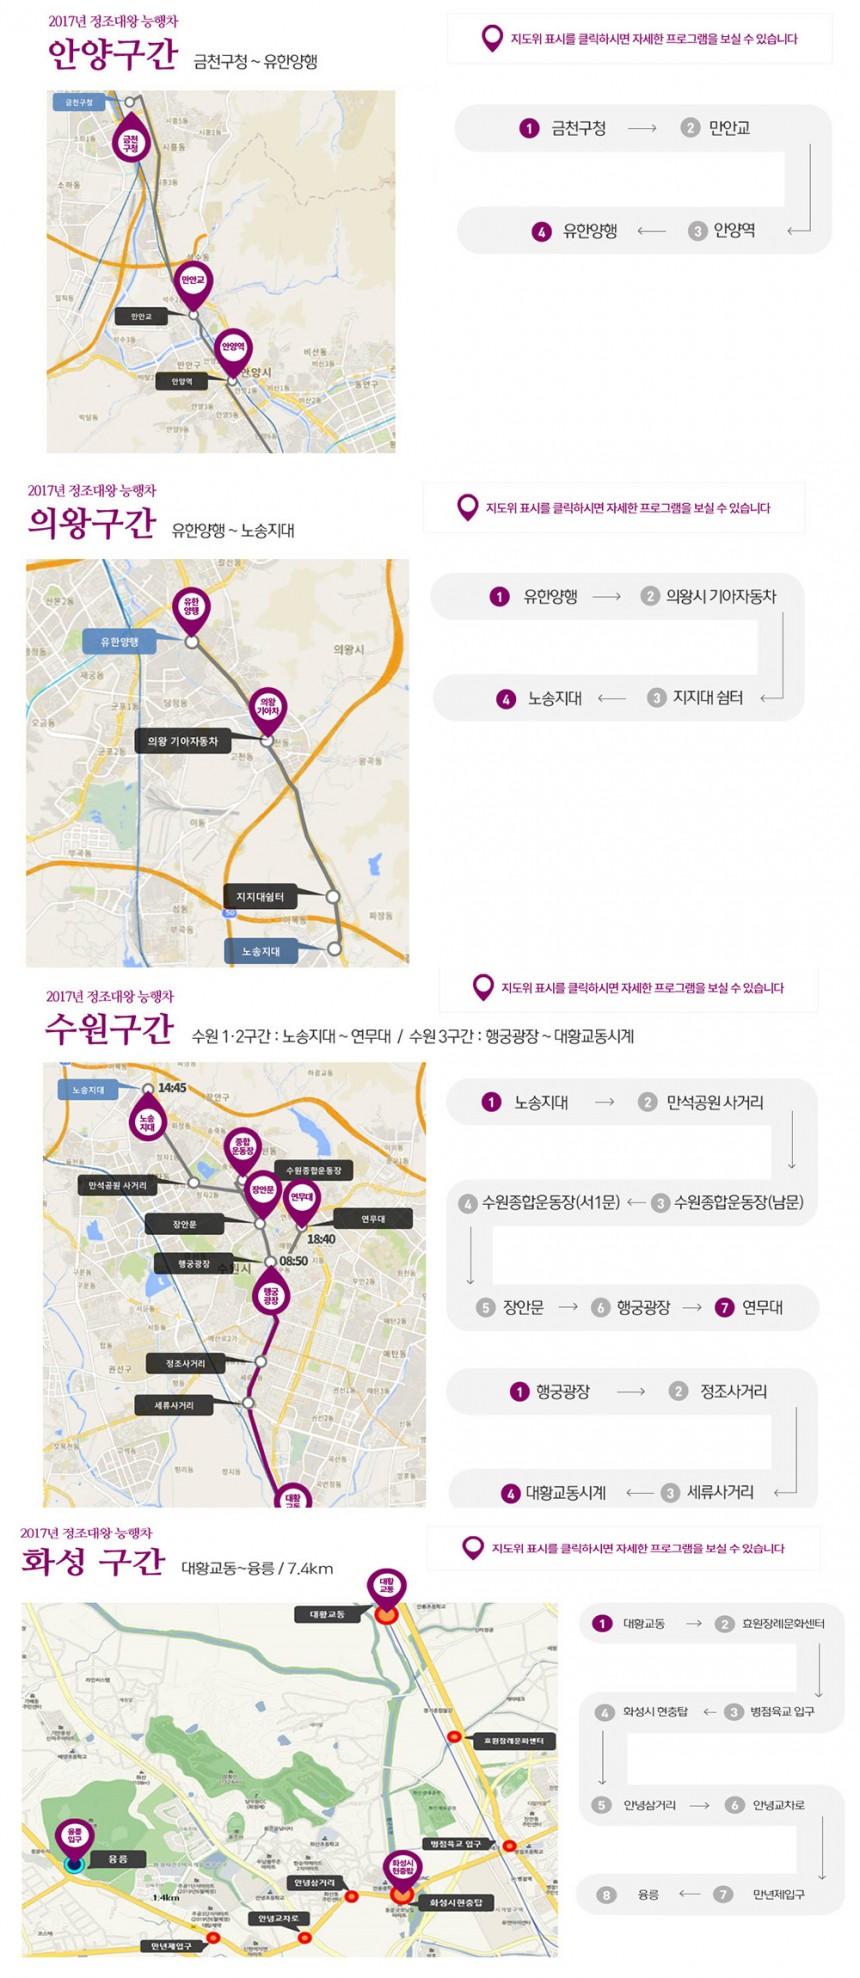 '2017 정조대왕 능행차' 공식 홈페이지